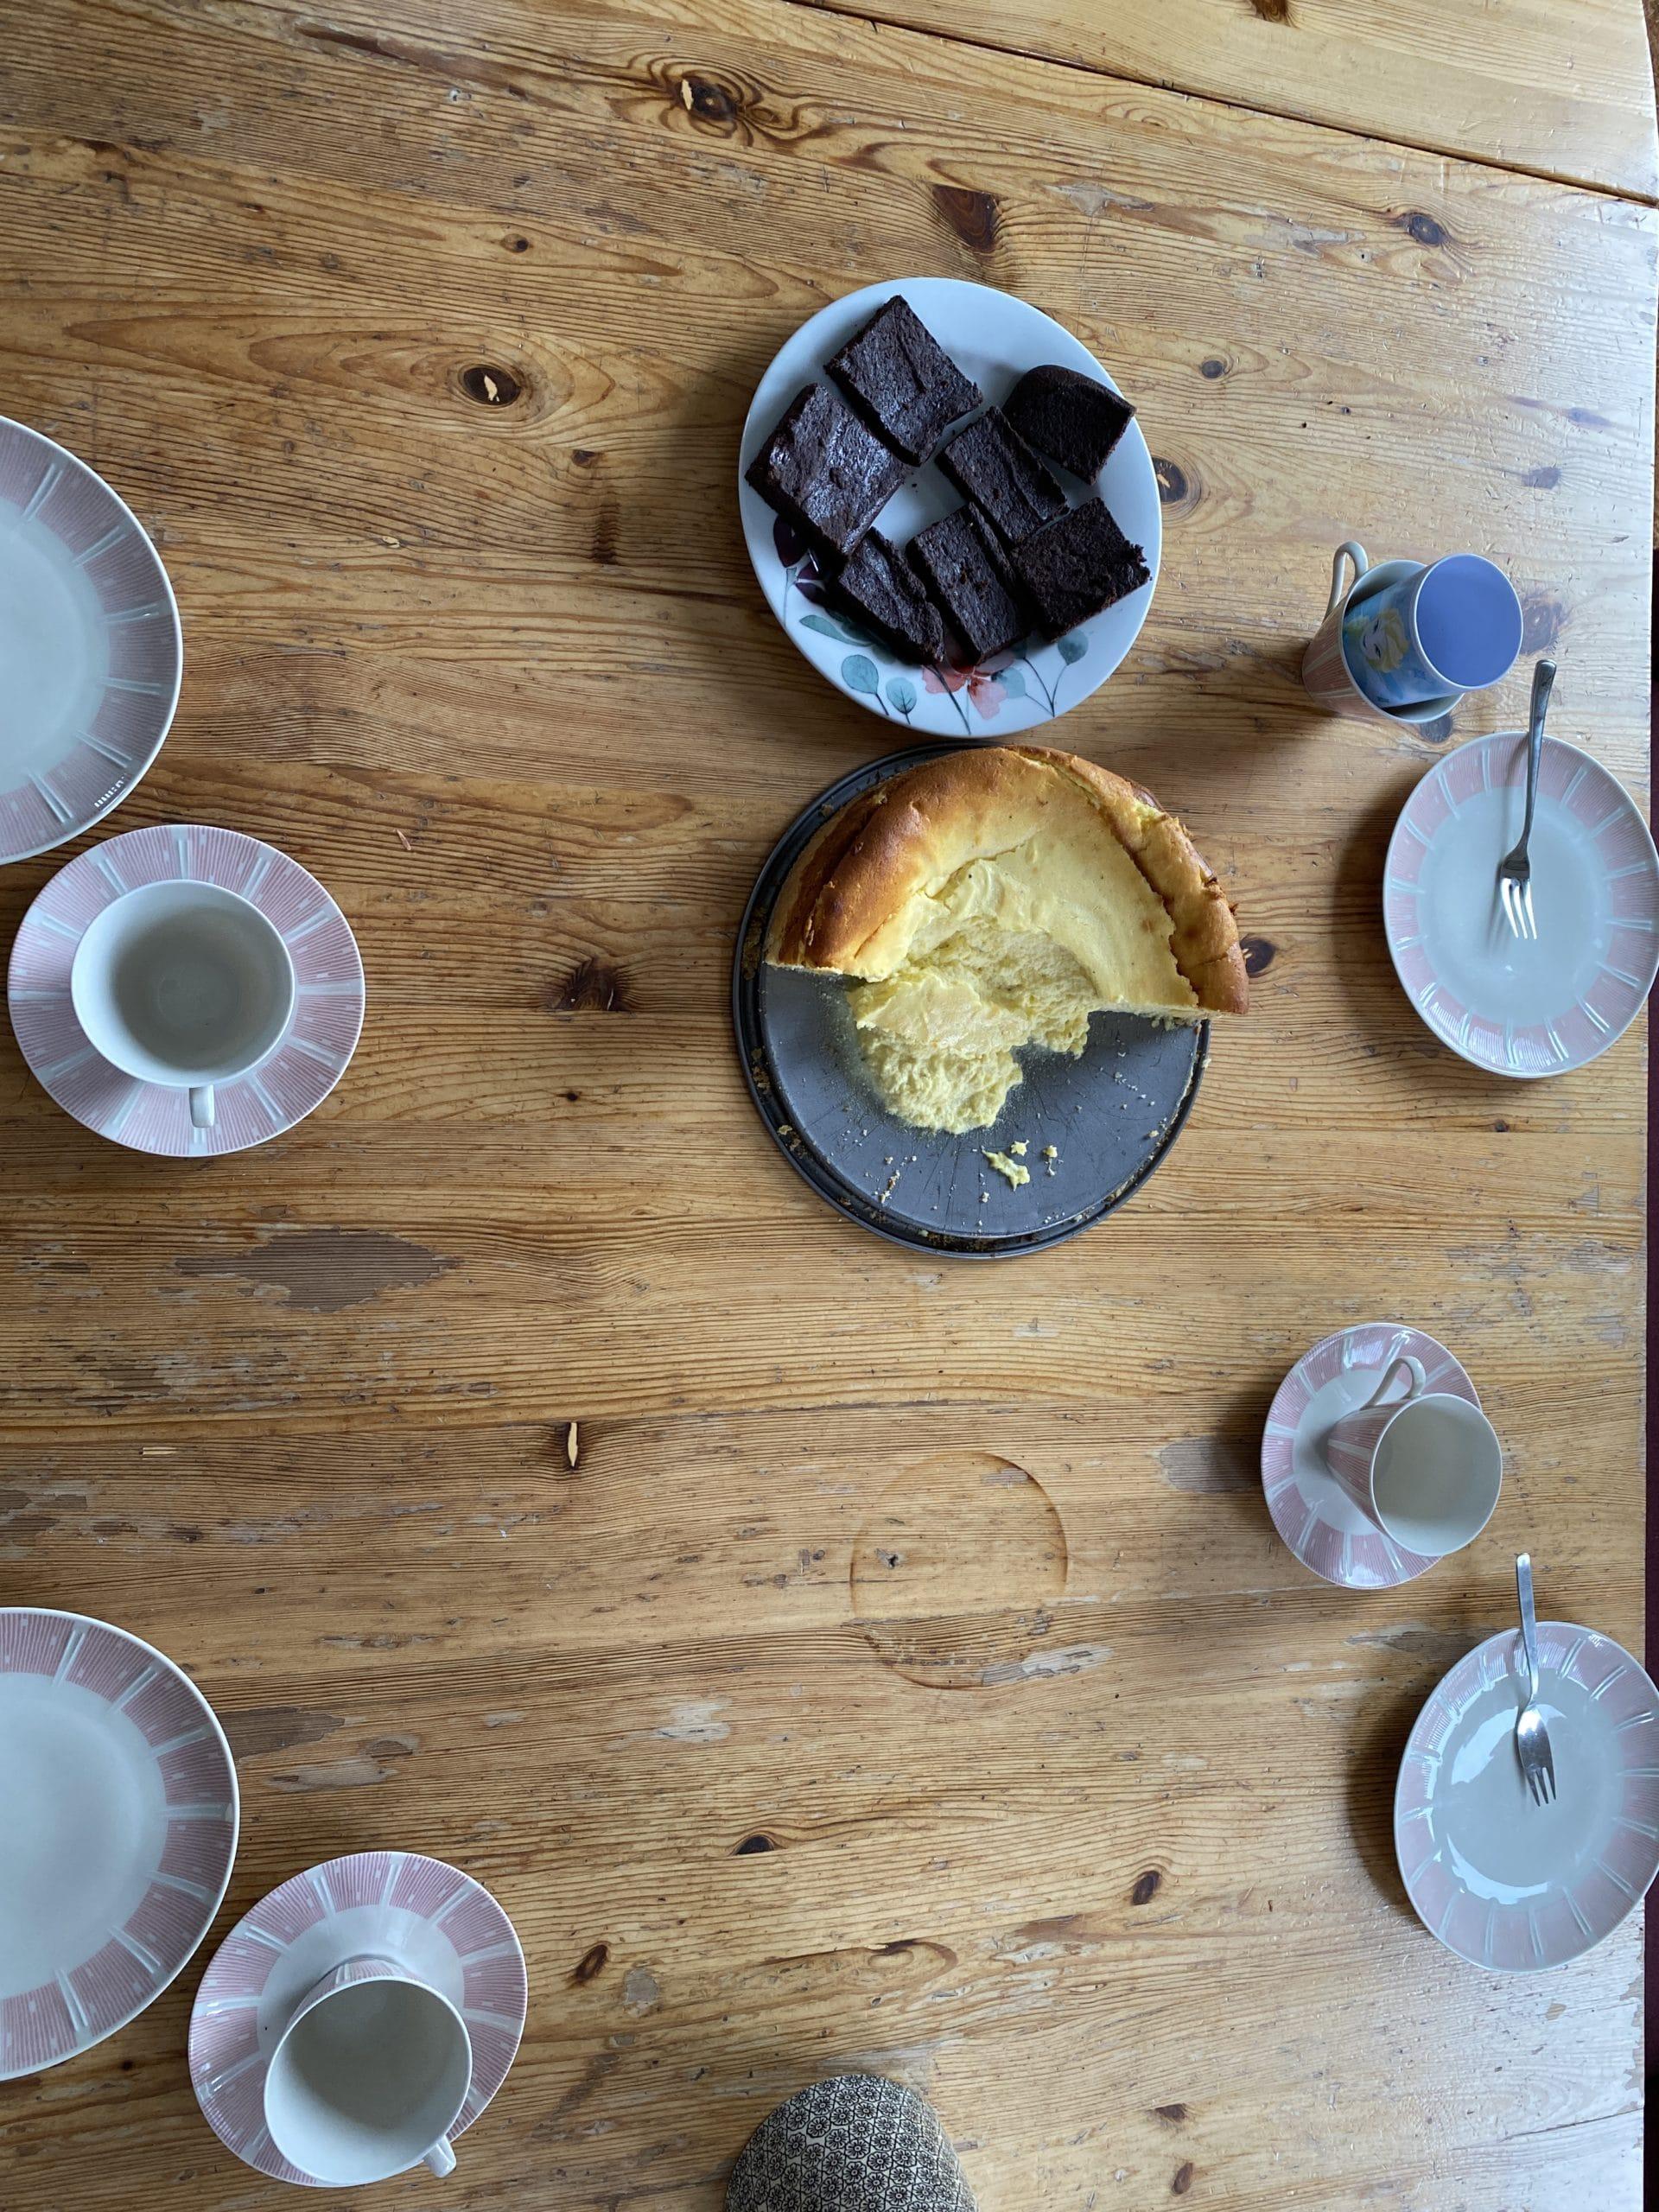 Am Nachmittag gibt es Kaffee, heute mal mit schönem Geschirr.